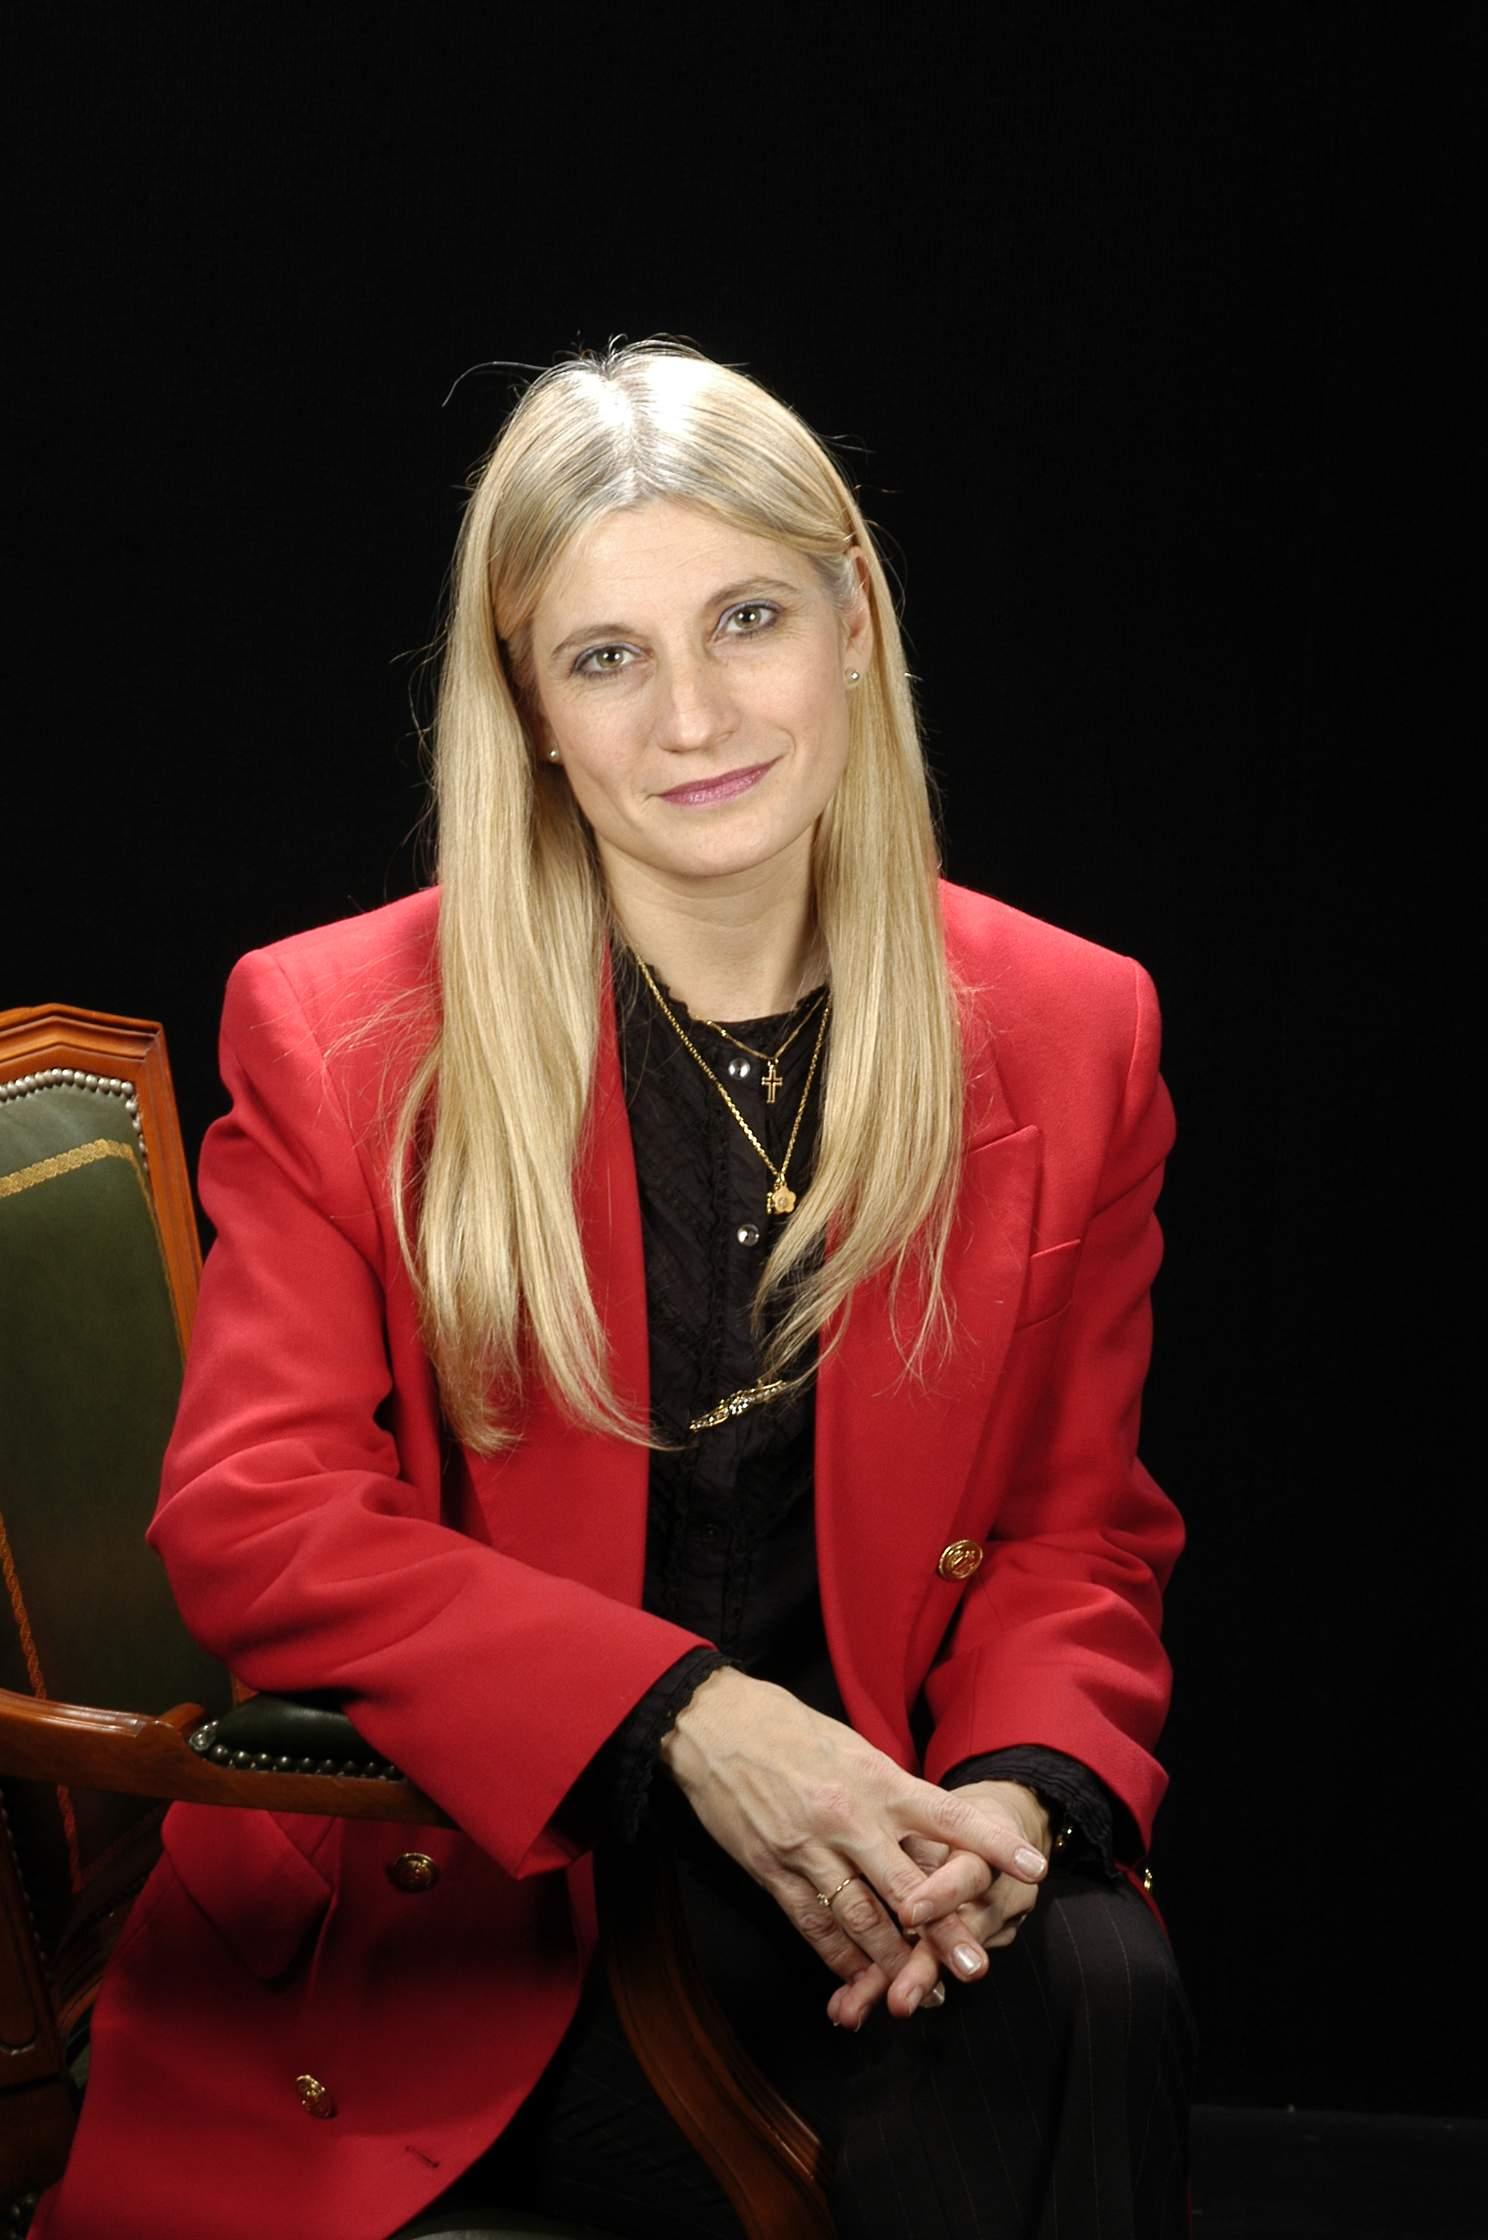 Dra. Gabriela Severino